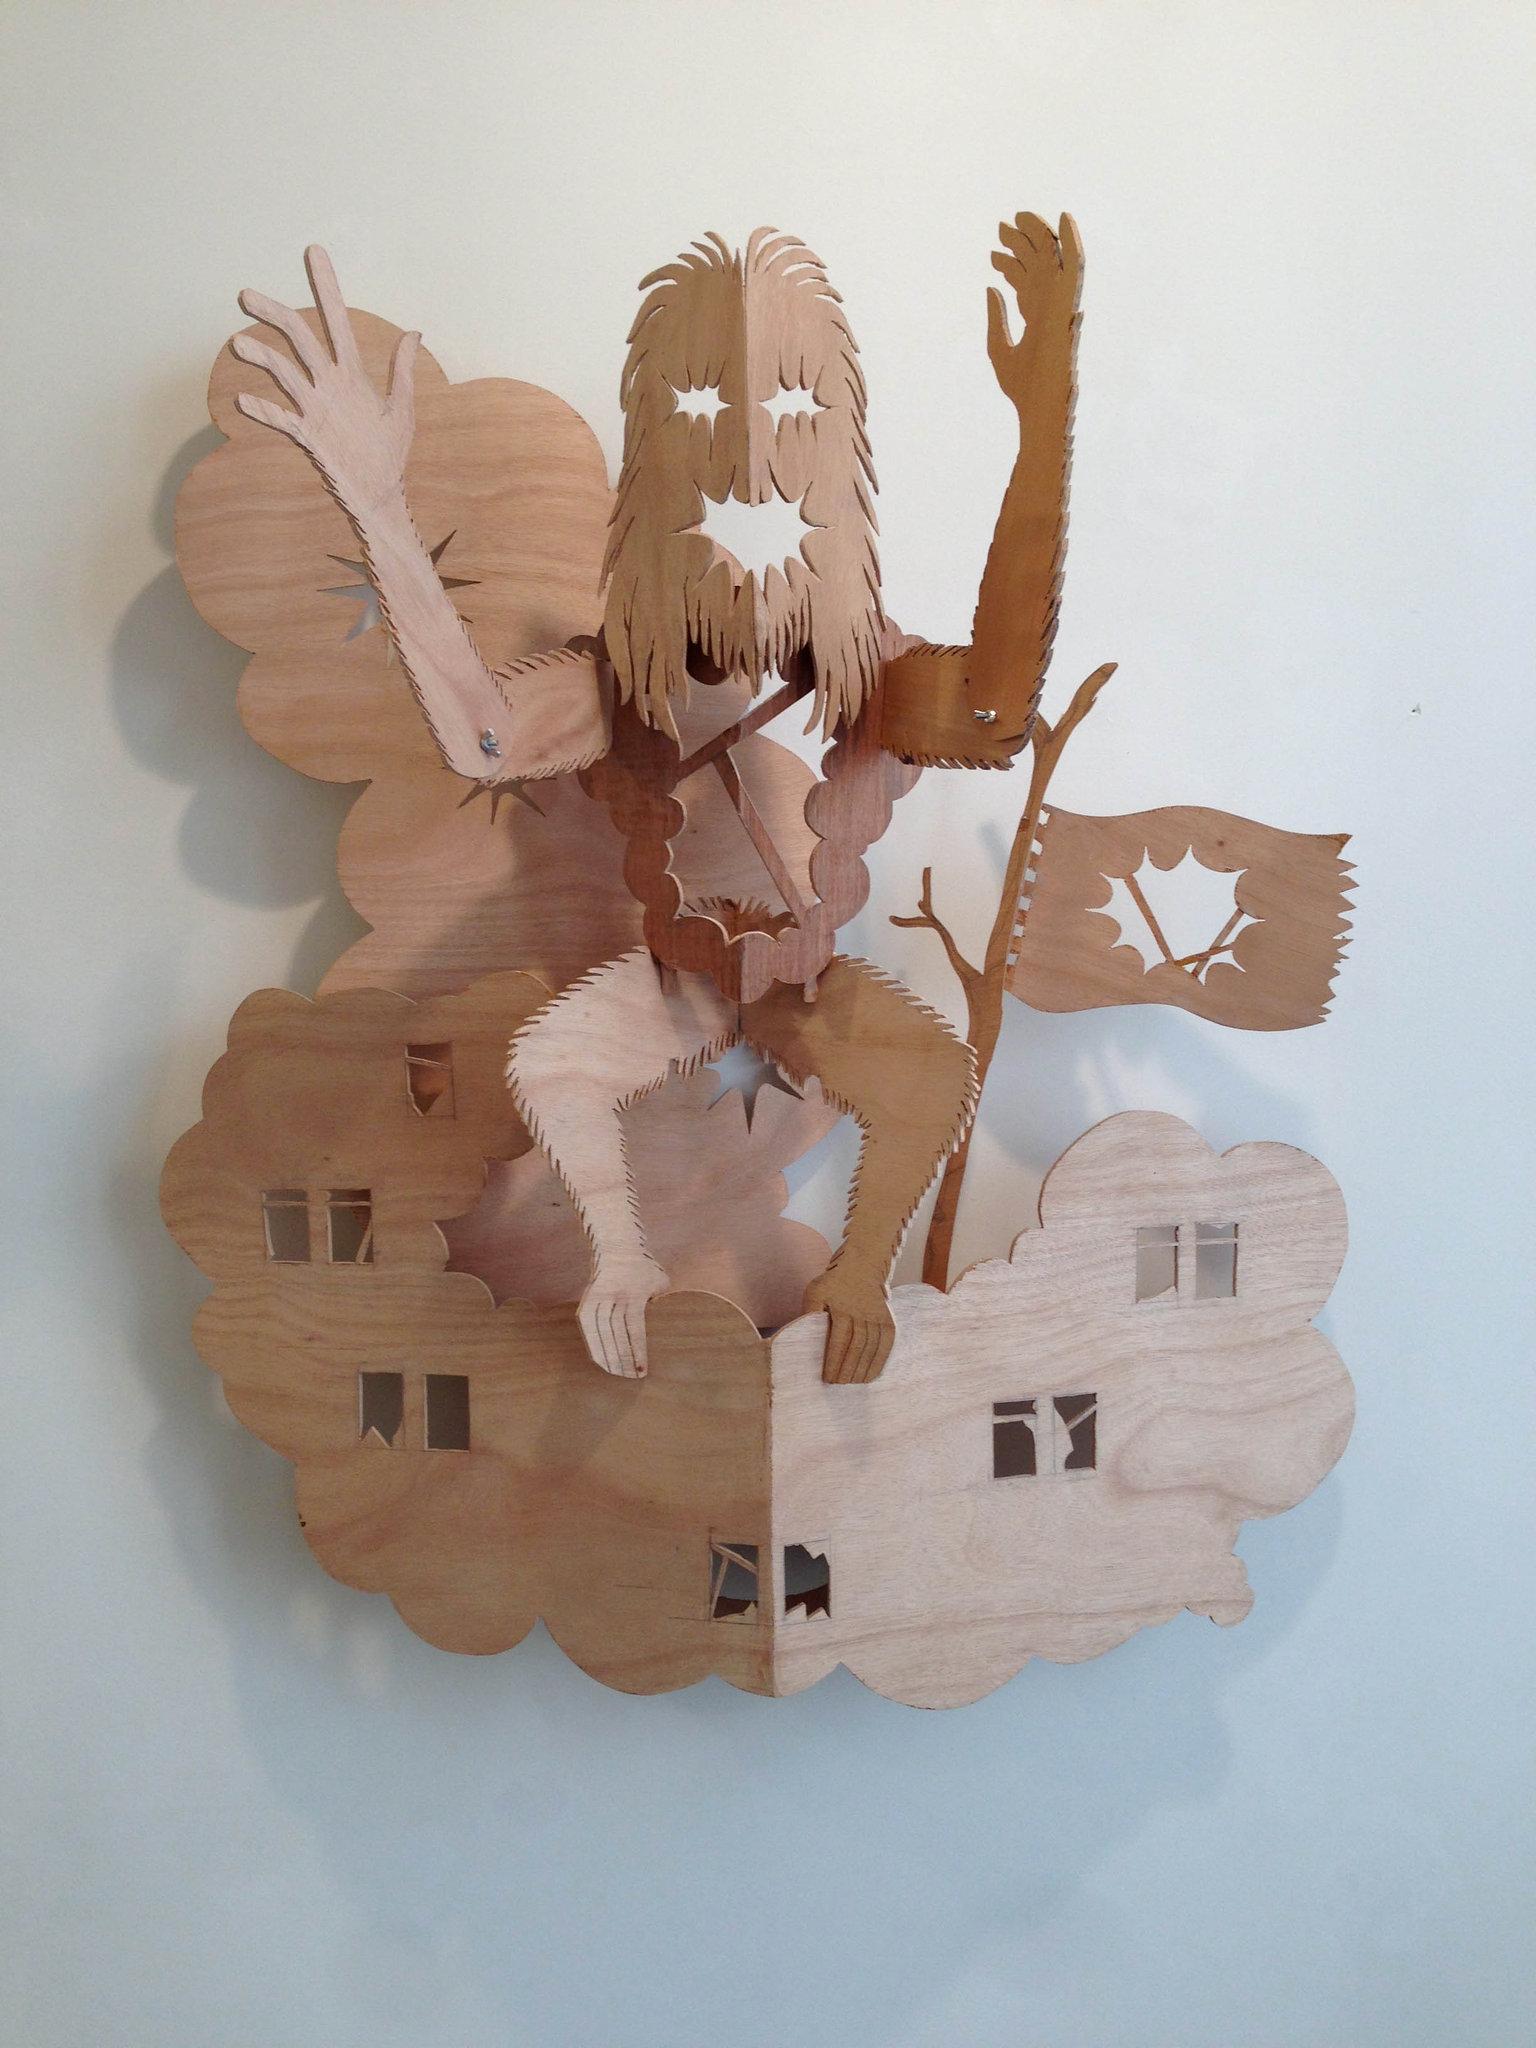 Arjen Lancel, Lonely Ape, or the war on dreams, 2014